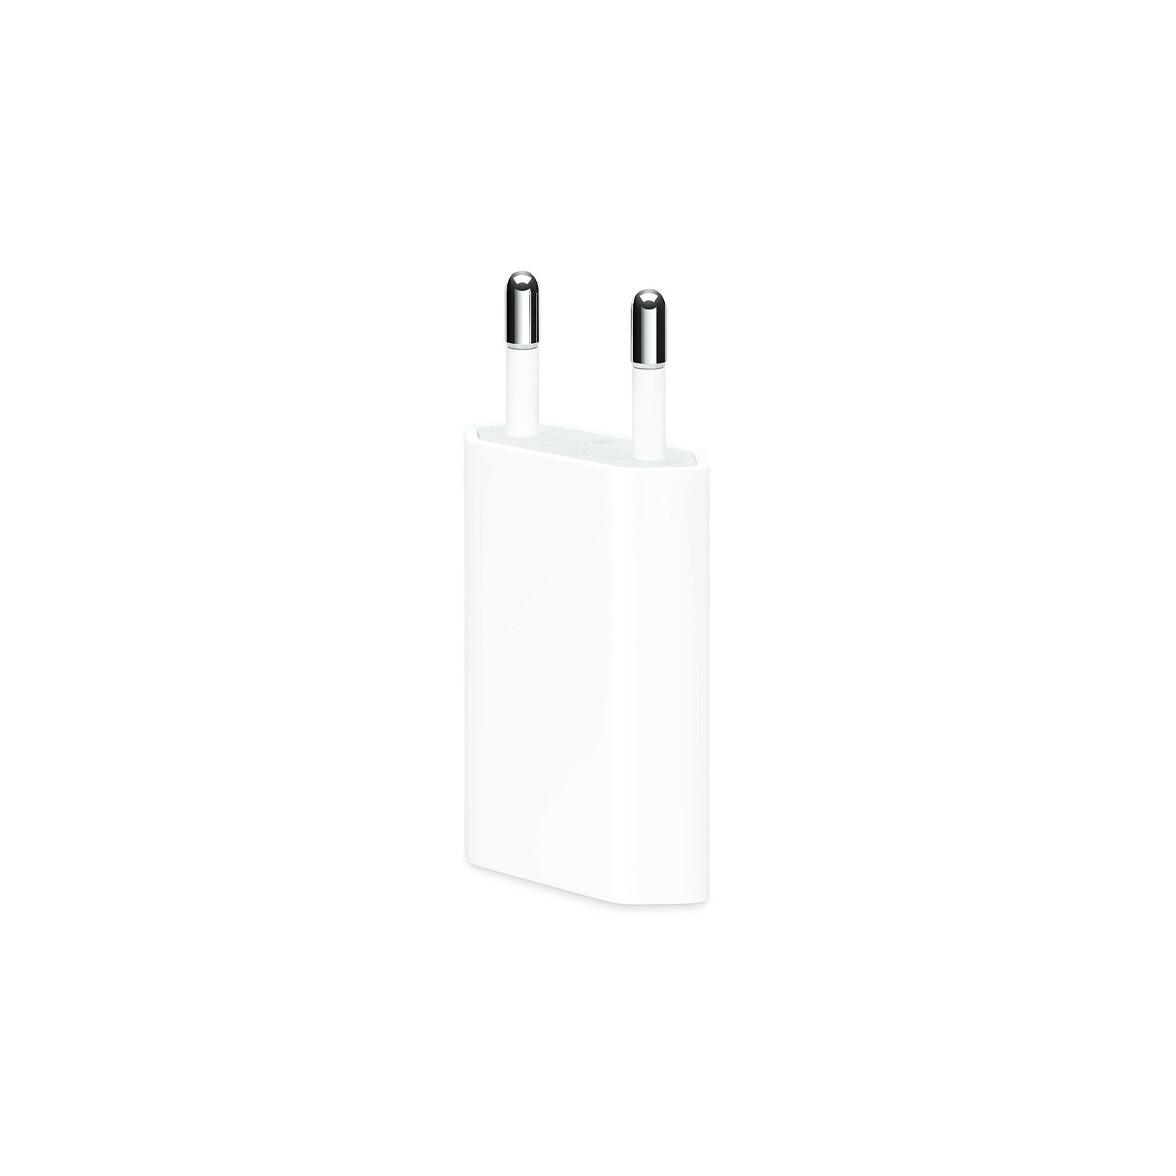 Сетевое зарядное Apple USB мощностью 5 Вт